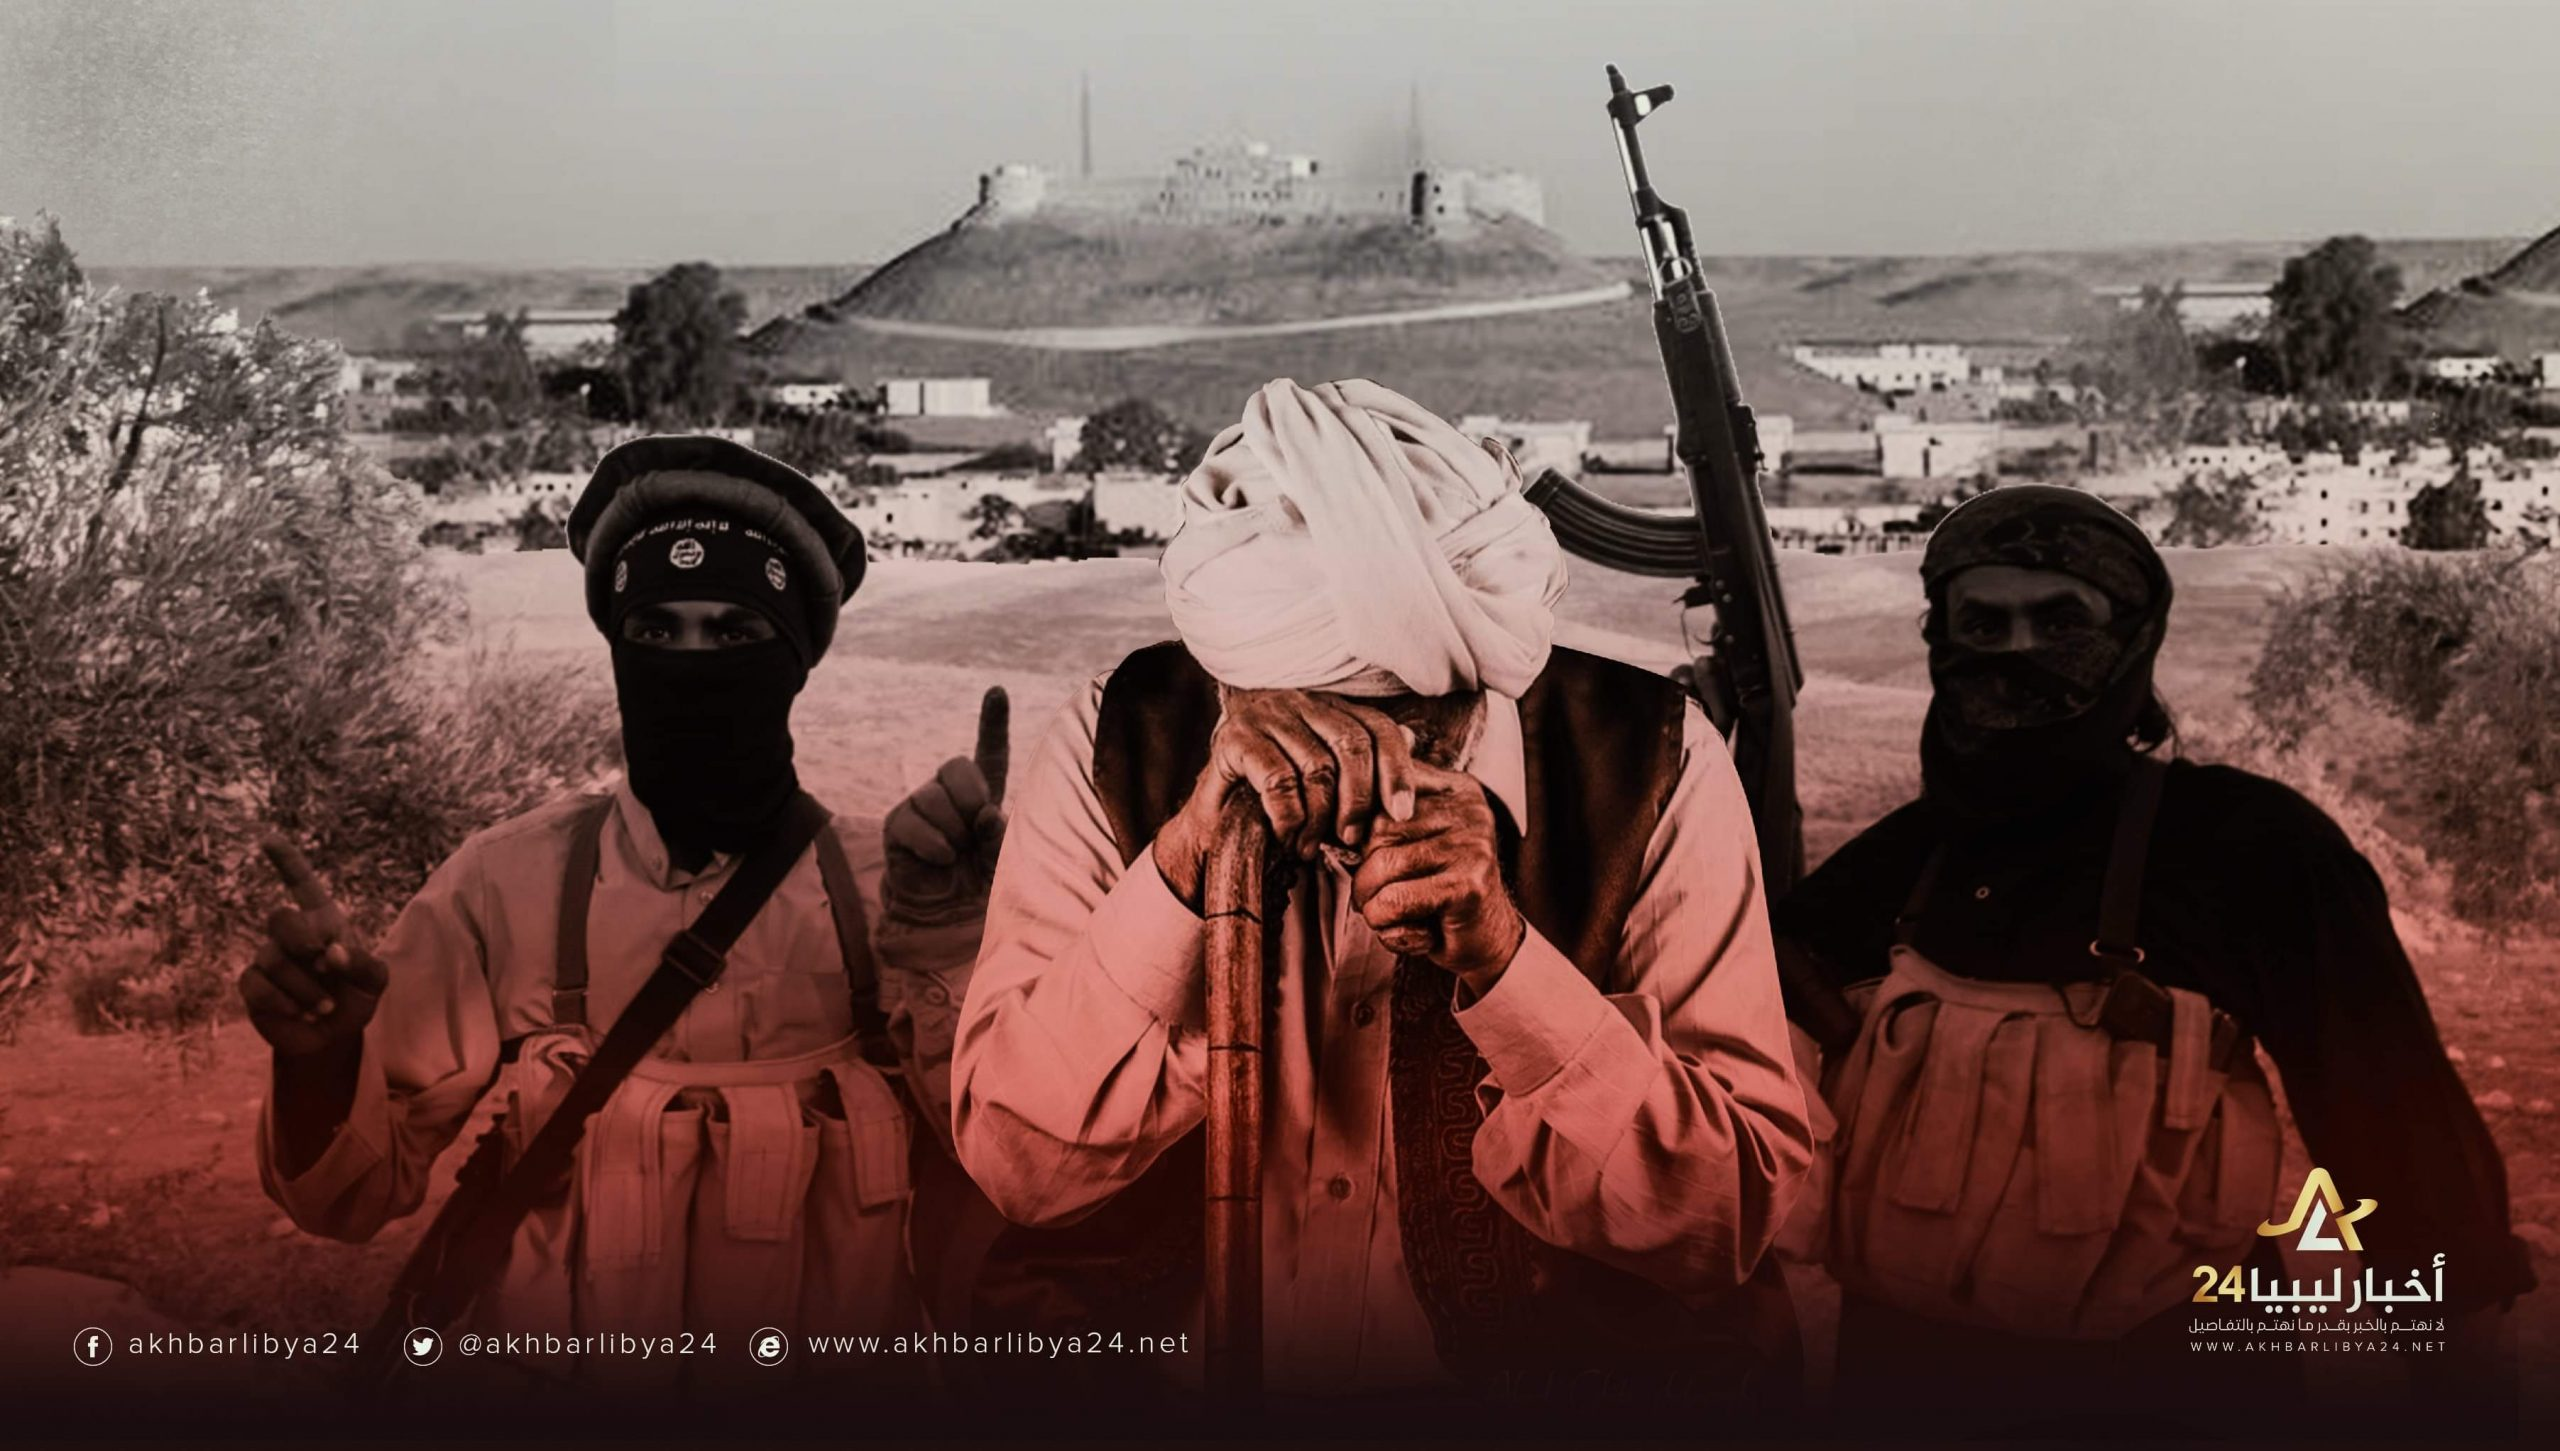 صورة الجنوب الليبي.. بين مطرقة تردي الأوضاع المعيشية وسندان التهديدات الإرهابية